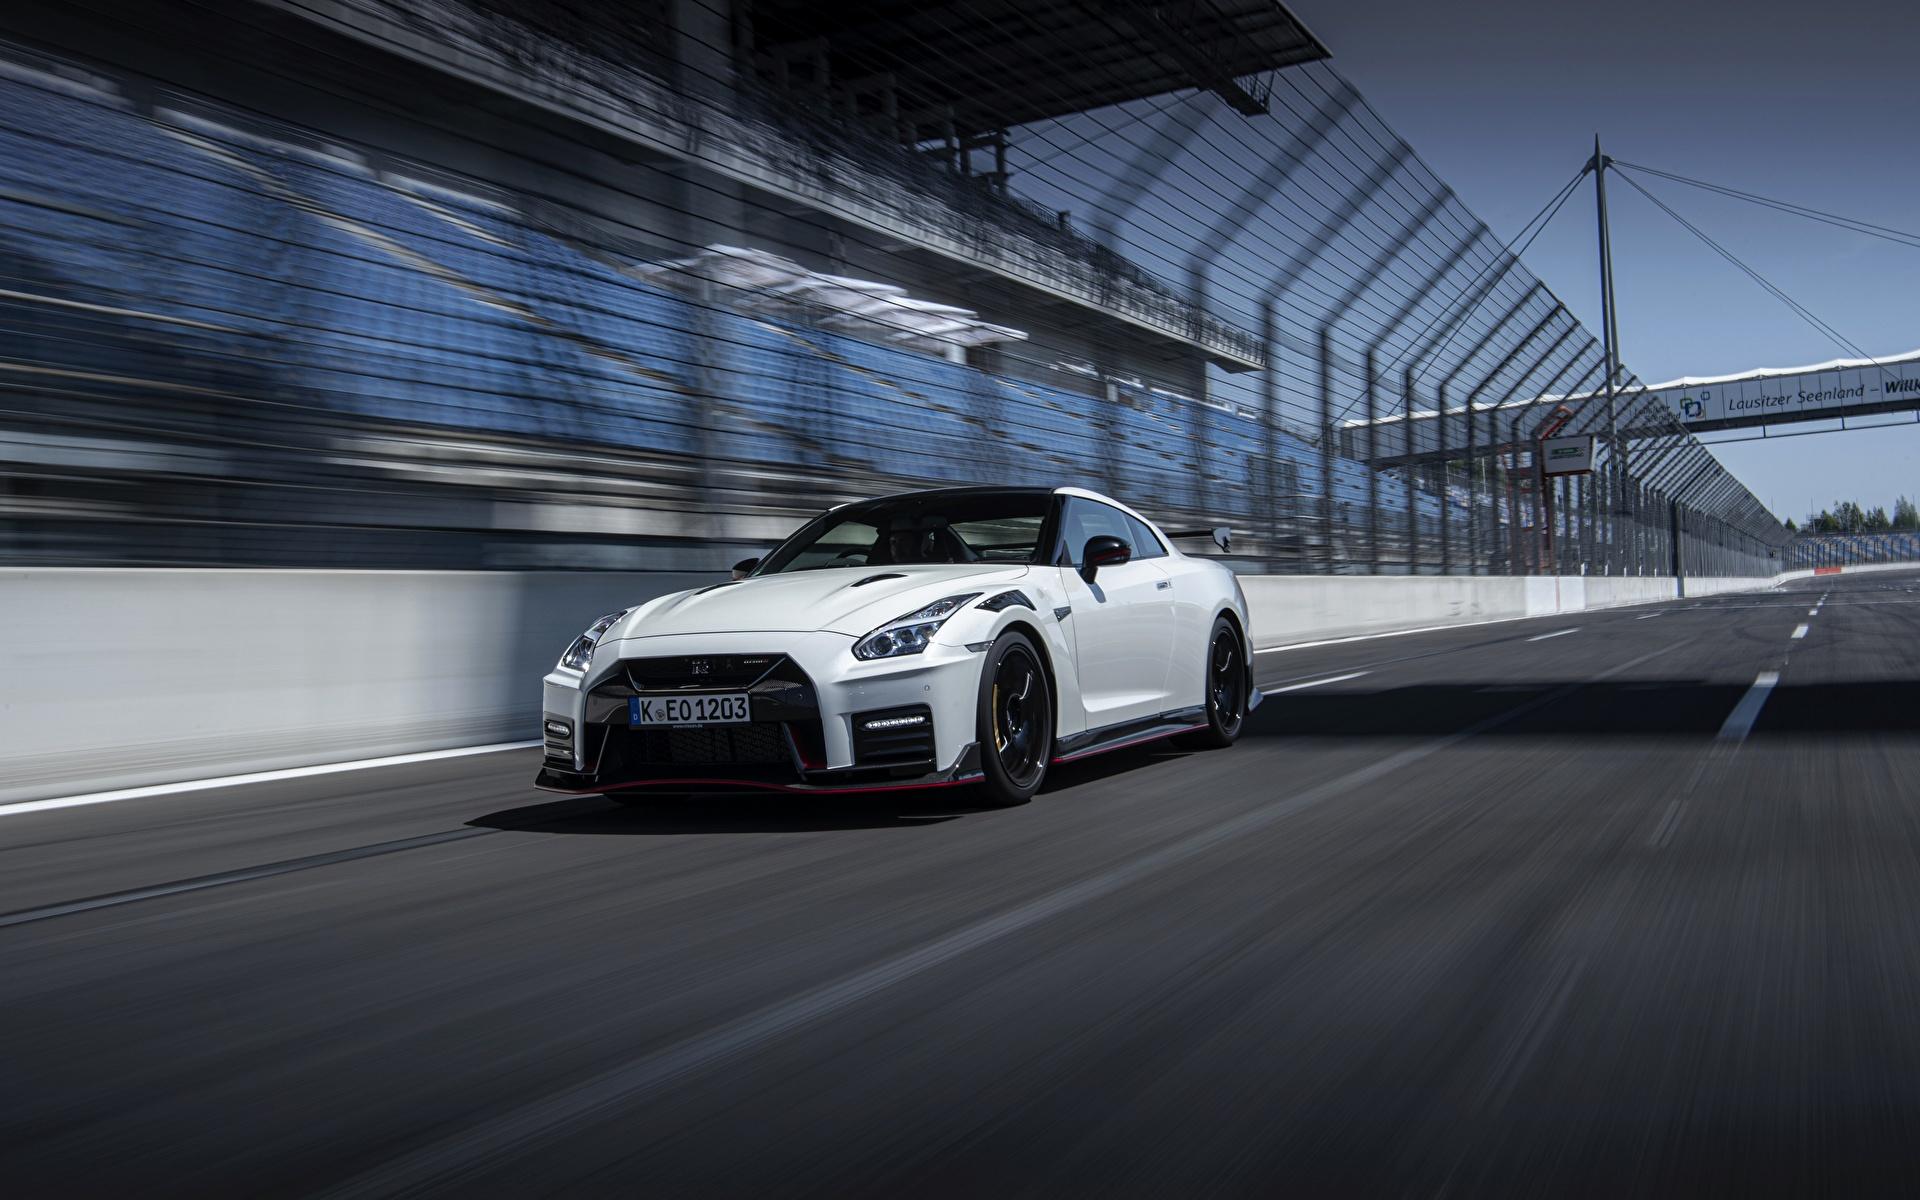 Фотографии Nissan GT-R R35 Nismo 2020 2019 Белый Движение Автомобили 1920x1200 Ниссан белая белые белых едет едущий едущая скорость авто машины машина автомобиль